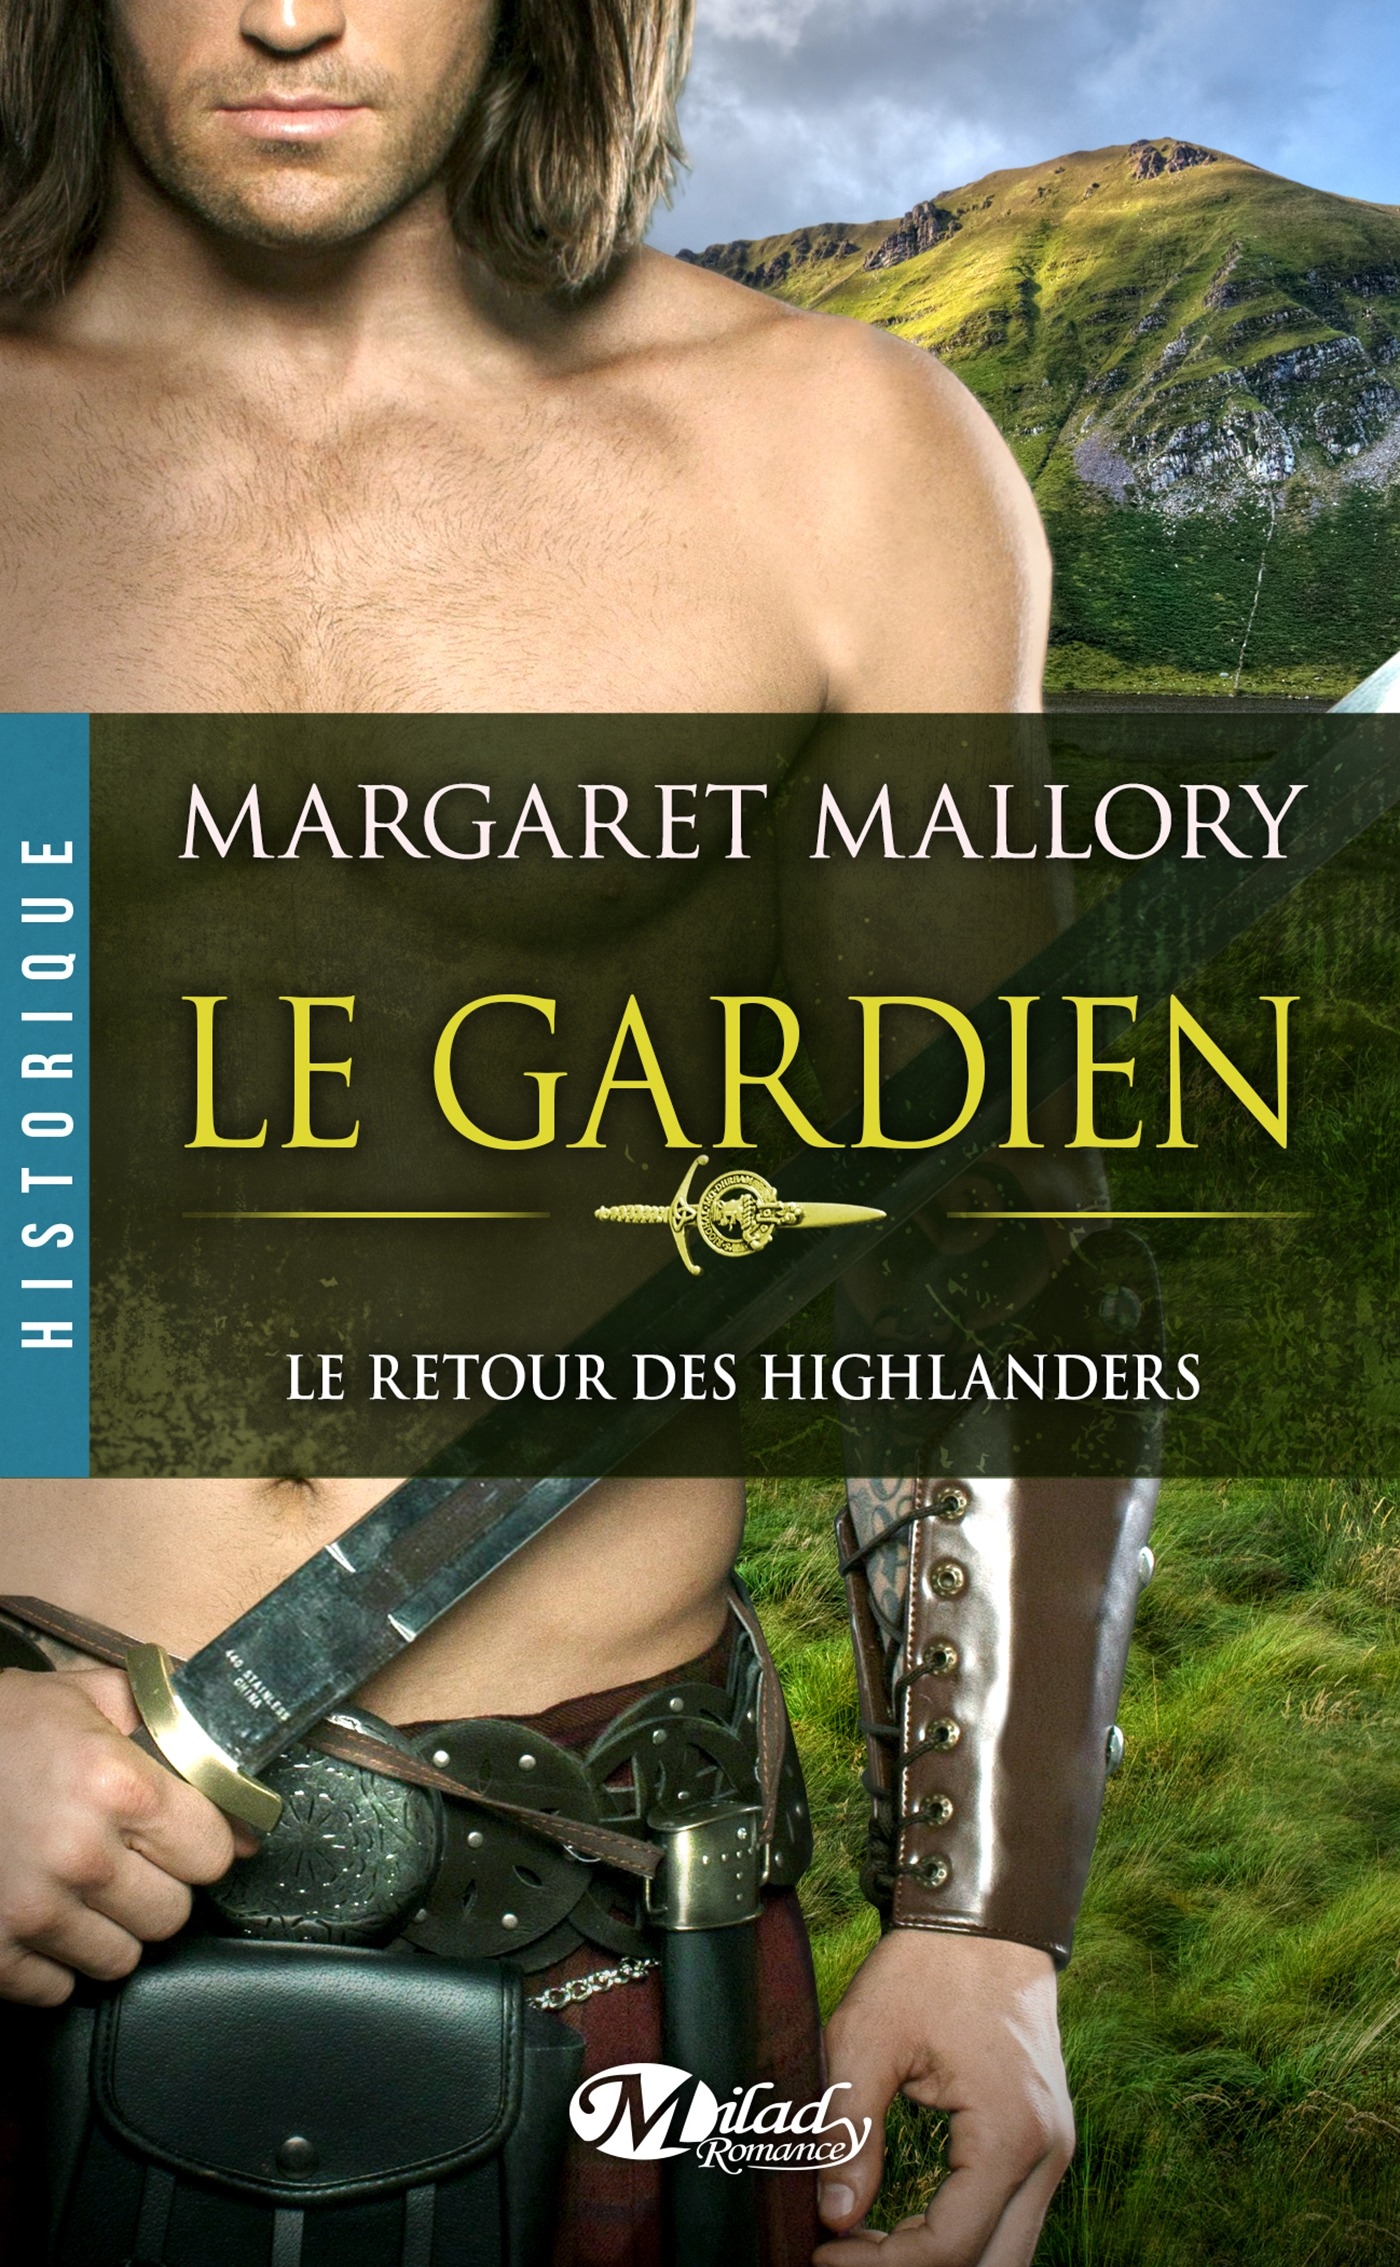 Le Gardien, LE RETOUR DES HIGHLANDERS, T1